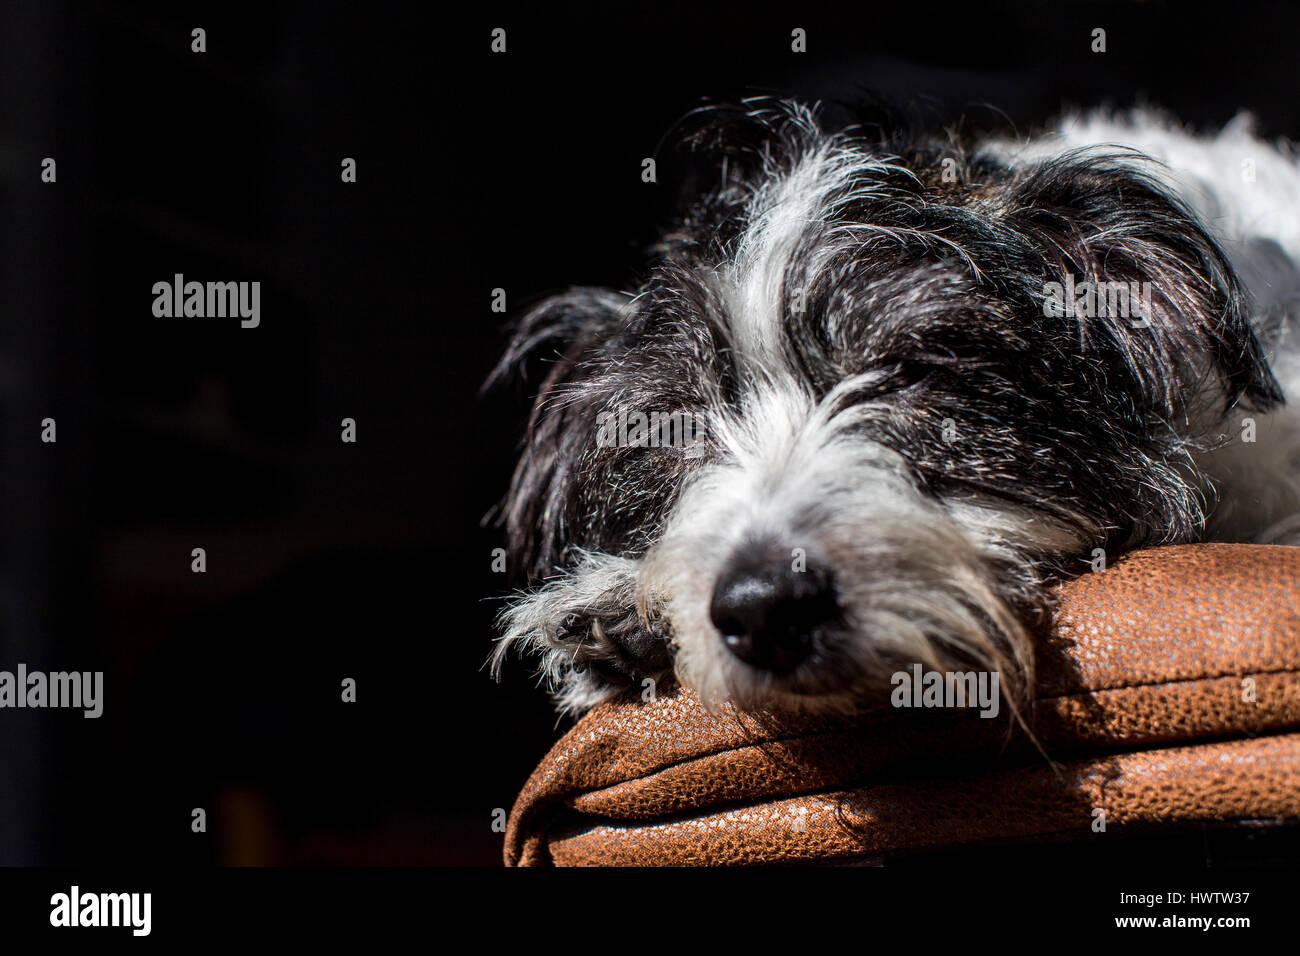 ein schwarzen und weißer Hund (Kreuzung zwischen Jack Russell und Bichon Frise) entspannt in eine Welle des Stockbild